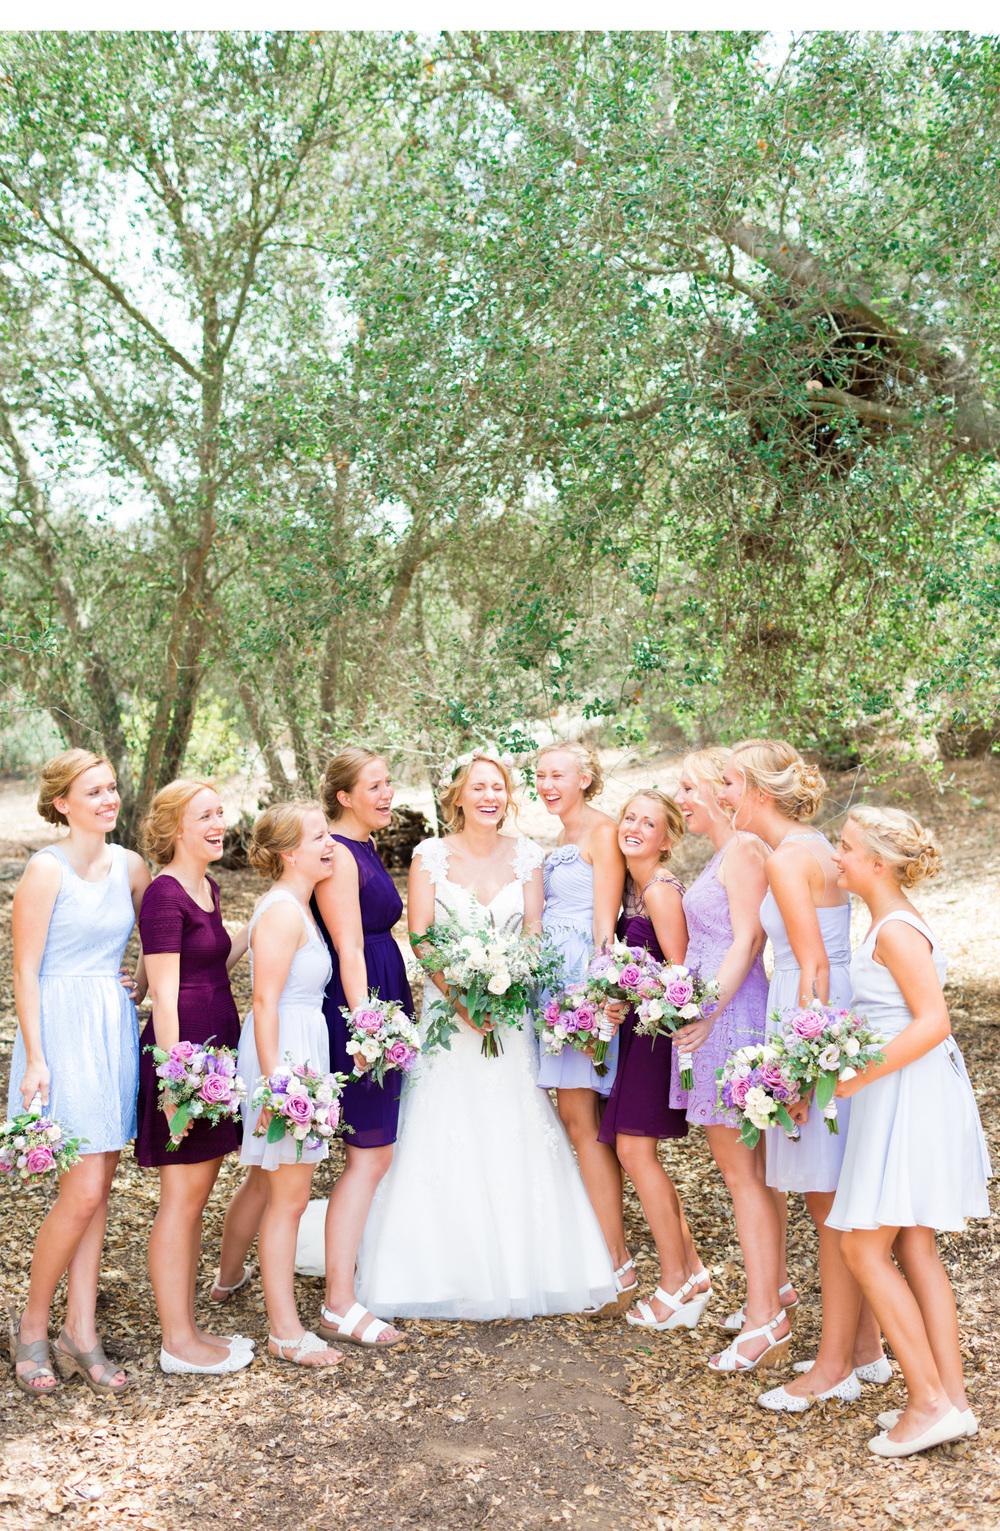 Jessica's-Bridesmaids---Natalie-Schutt-Photography_03.jpg